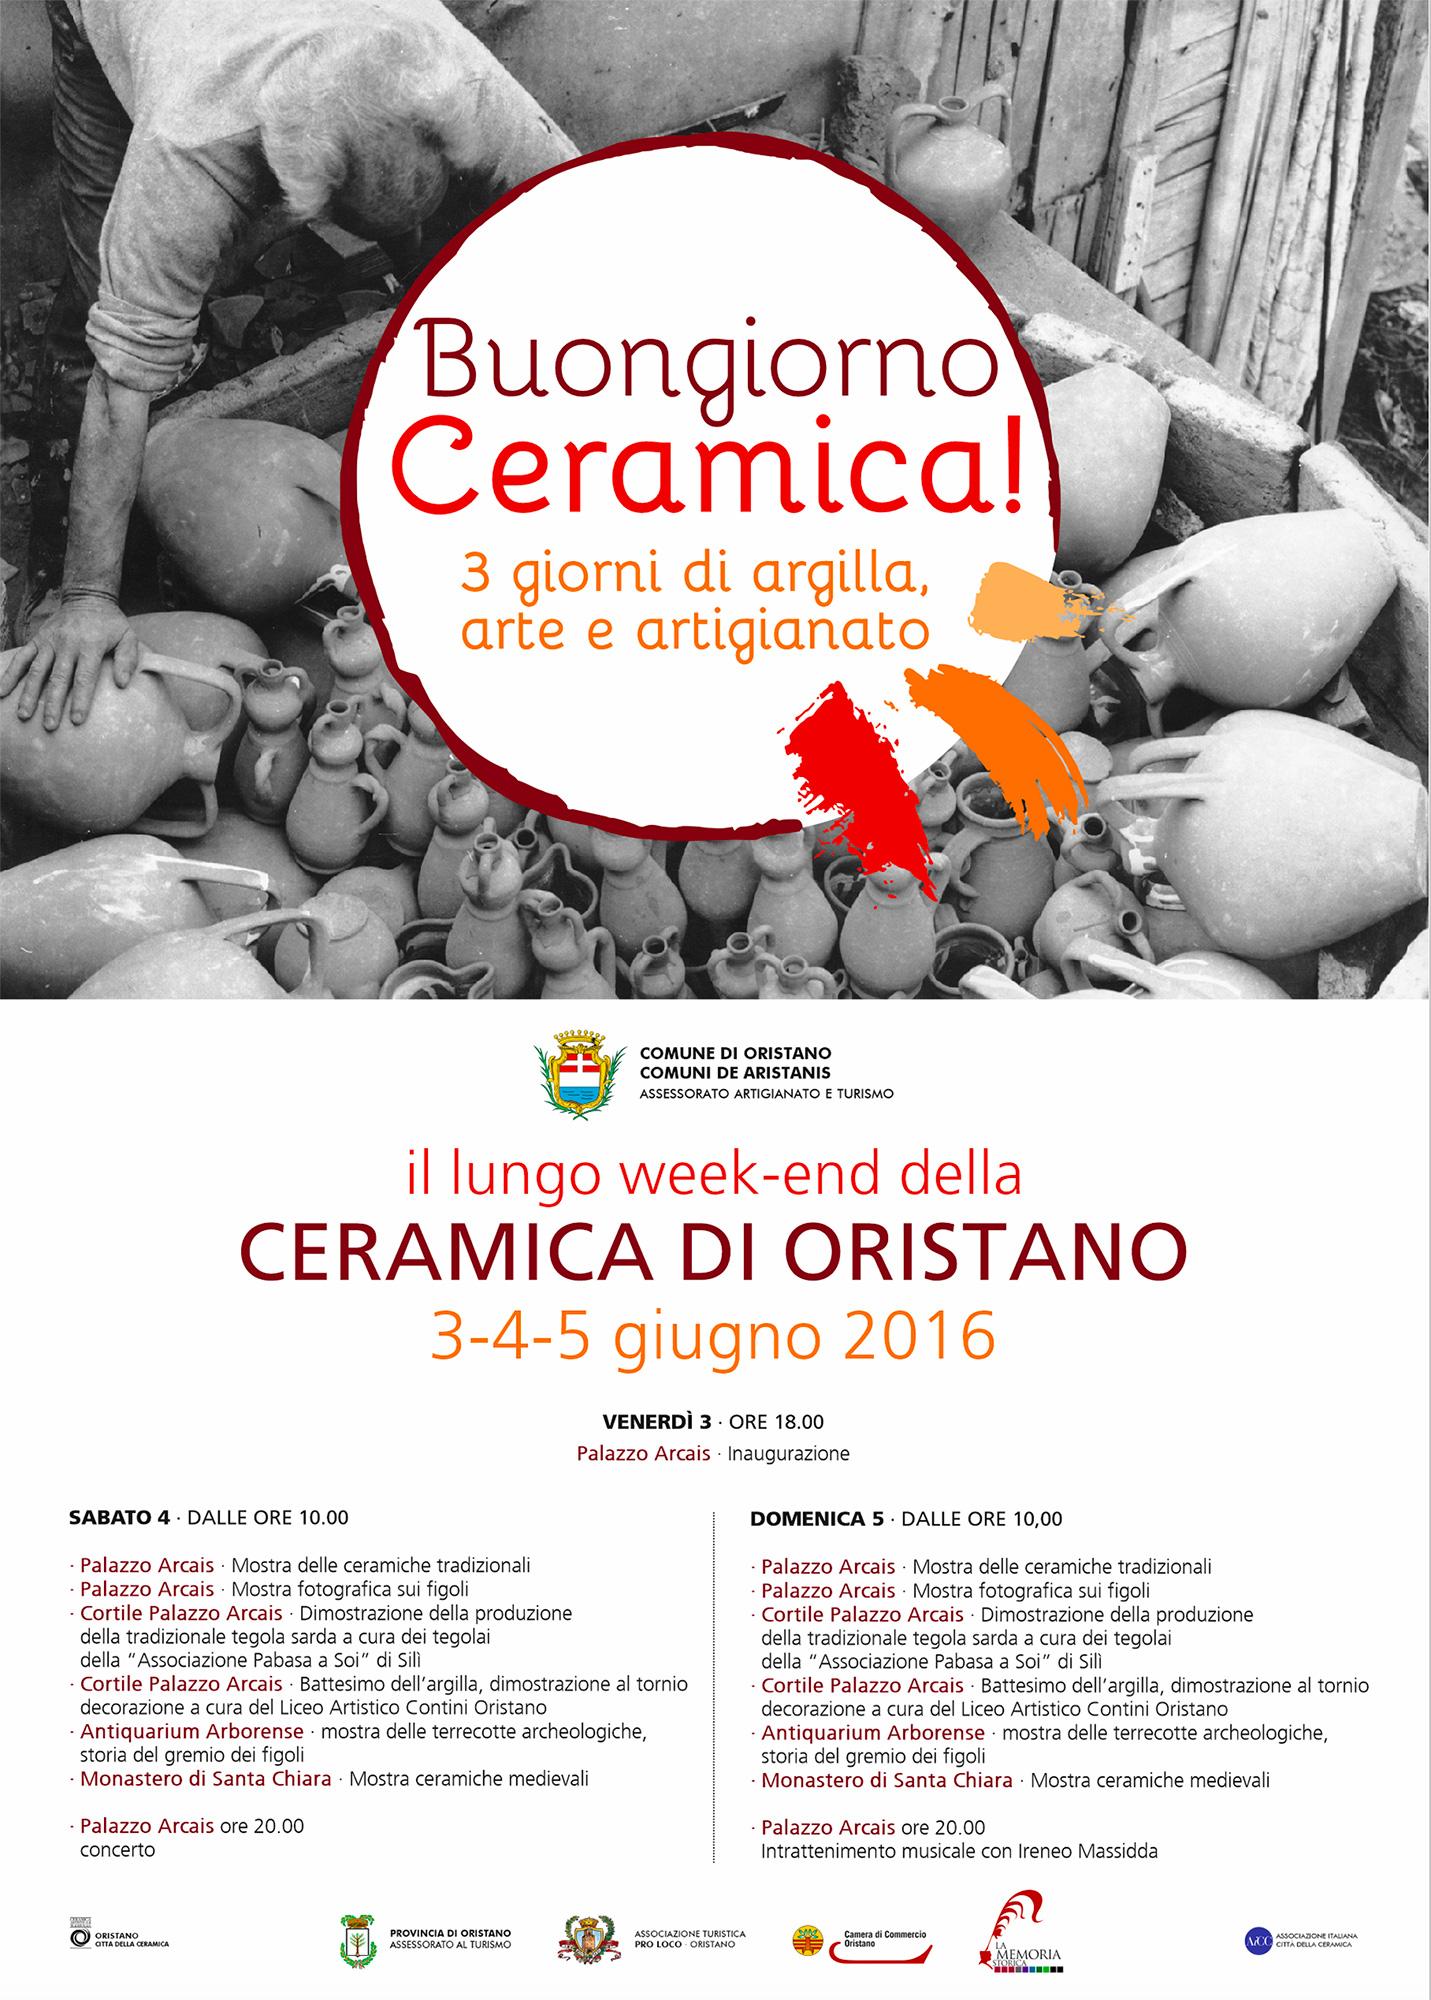 Buongiorno Ceramica 2016 Oristano programma. Buongiorno ceramica a Oristano il lungo week end della ceramica tradizionale. Da venerdì 3 a domenica 5 giugno 2016 il centro storico di Oristano metterà in mostra le bellezze prodotte dai maestri ceramisti d'Italia.